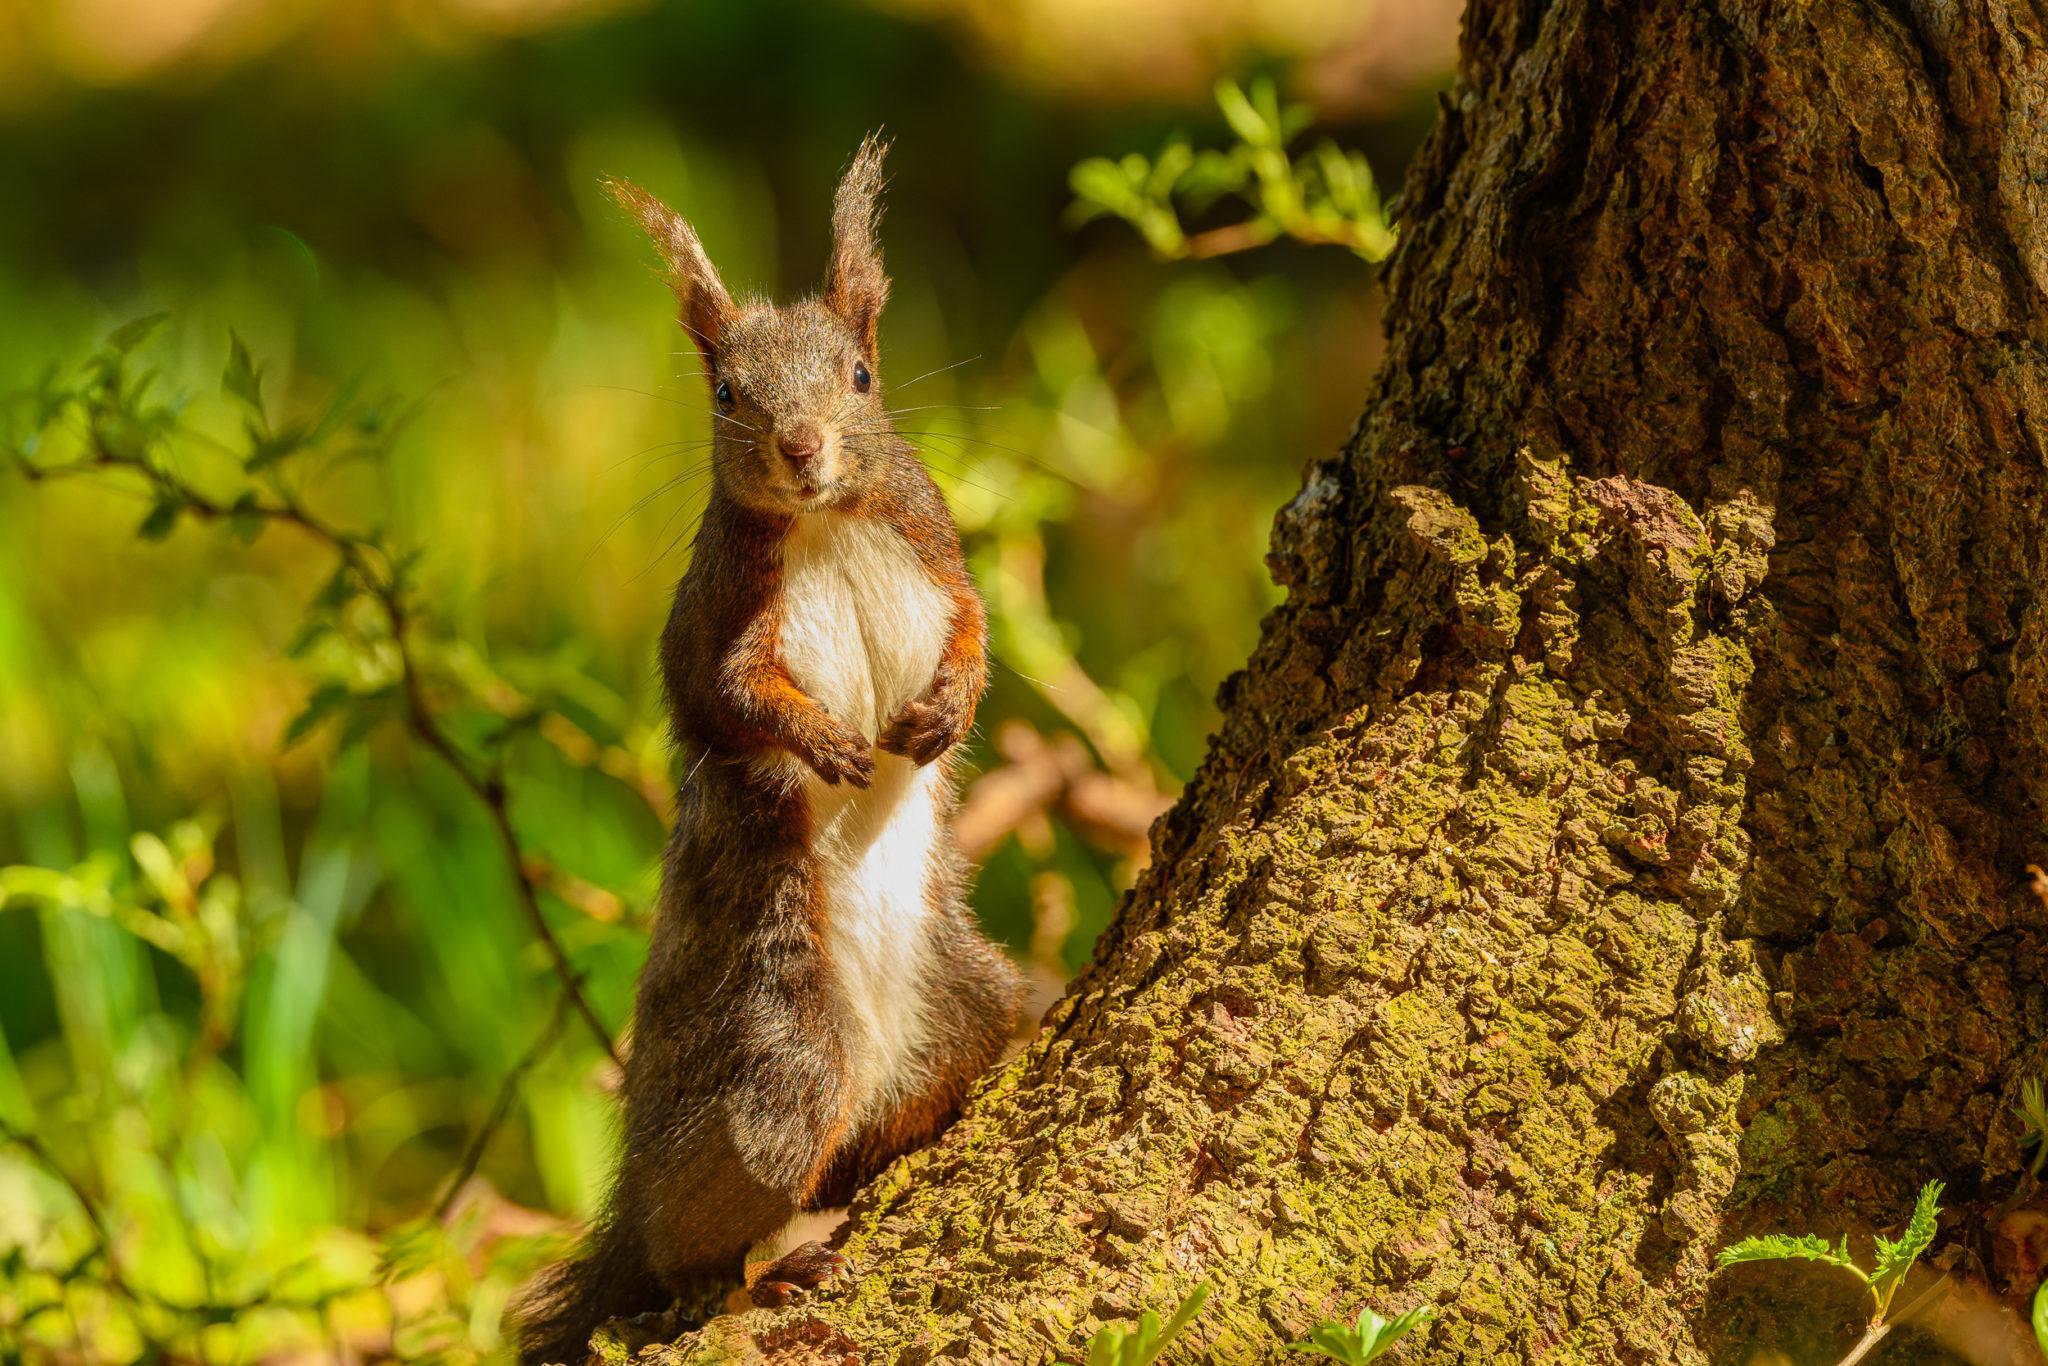 Eurasische Eichhörnchen (Sciurus vulgaris), Naturfotografie Olaf & Sylvia Rentzsch